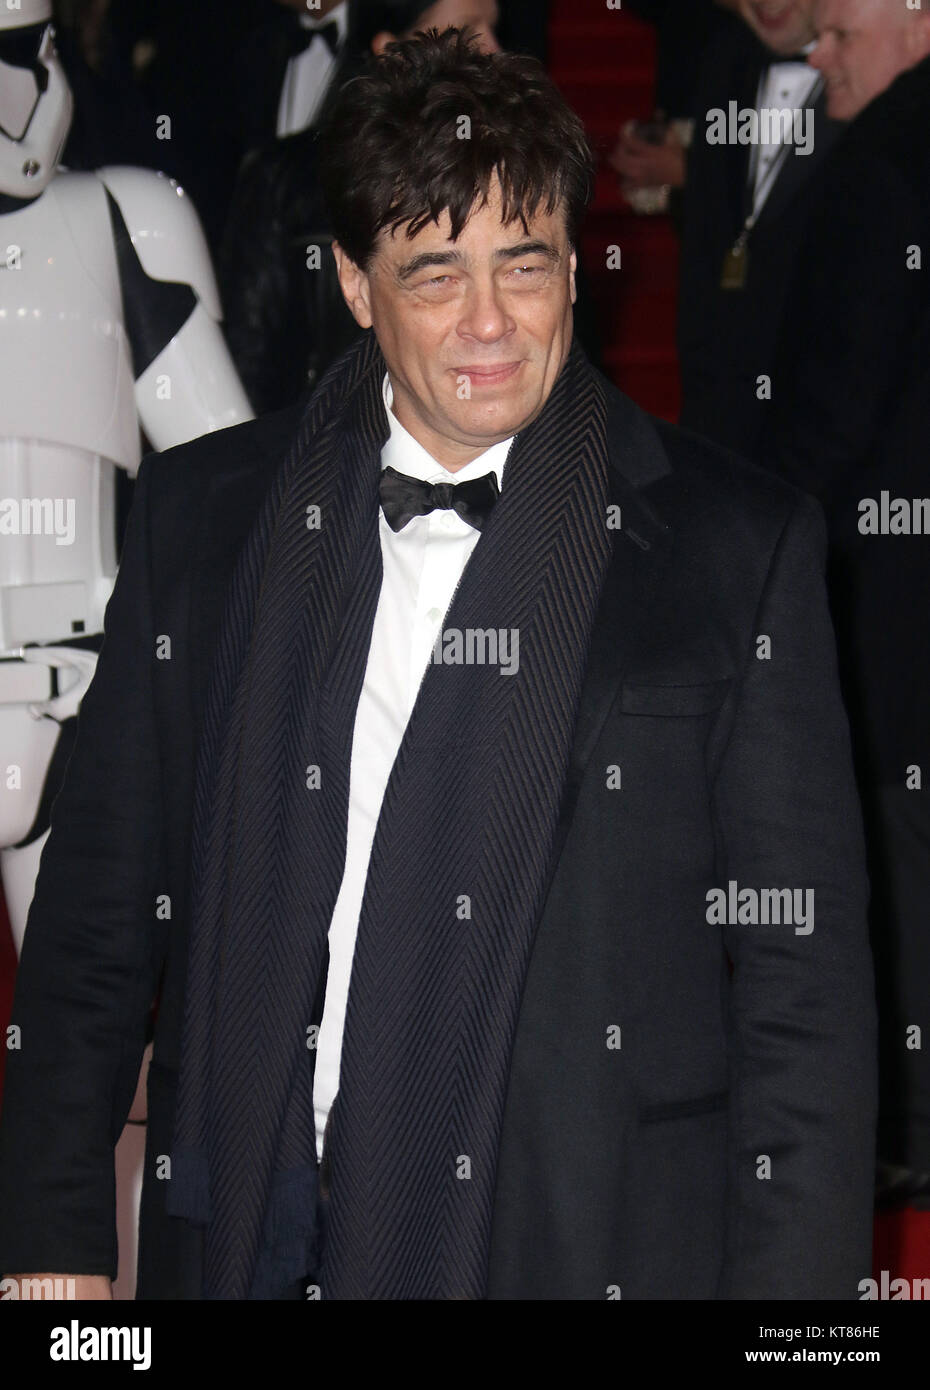 Dec 12, 2017 - Benicio Del Toro attending 'Star Wars: The Last Jedi' European Premiere at Royal Albert Hall  in Stock Photo